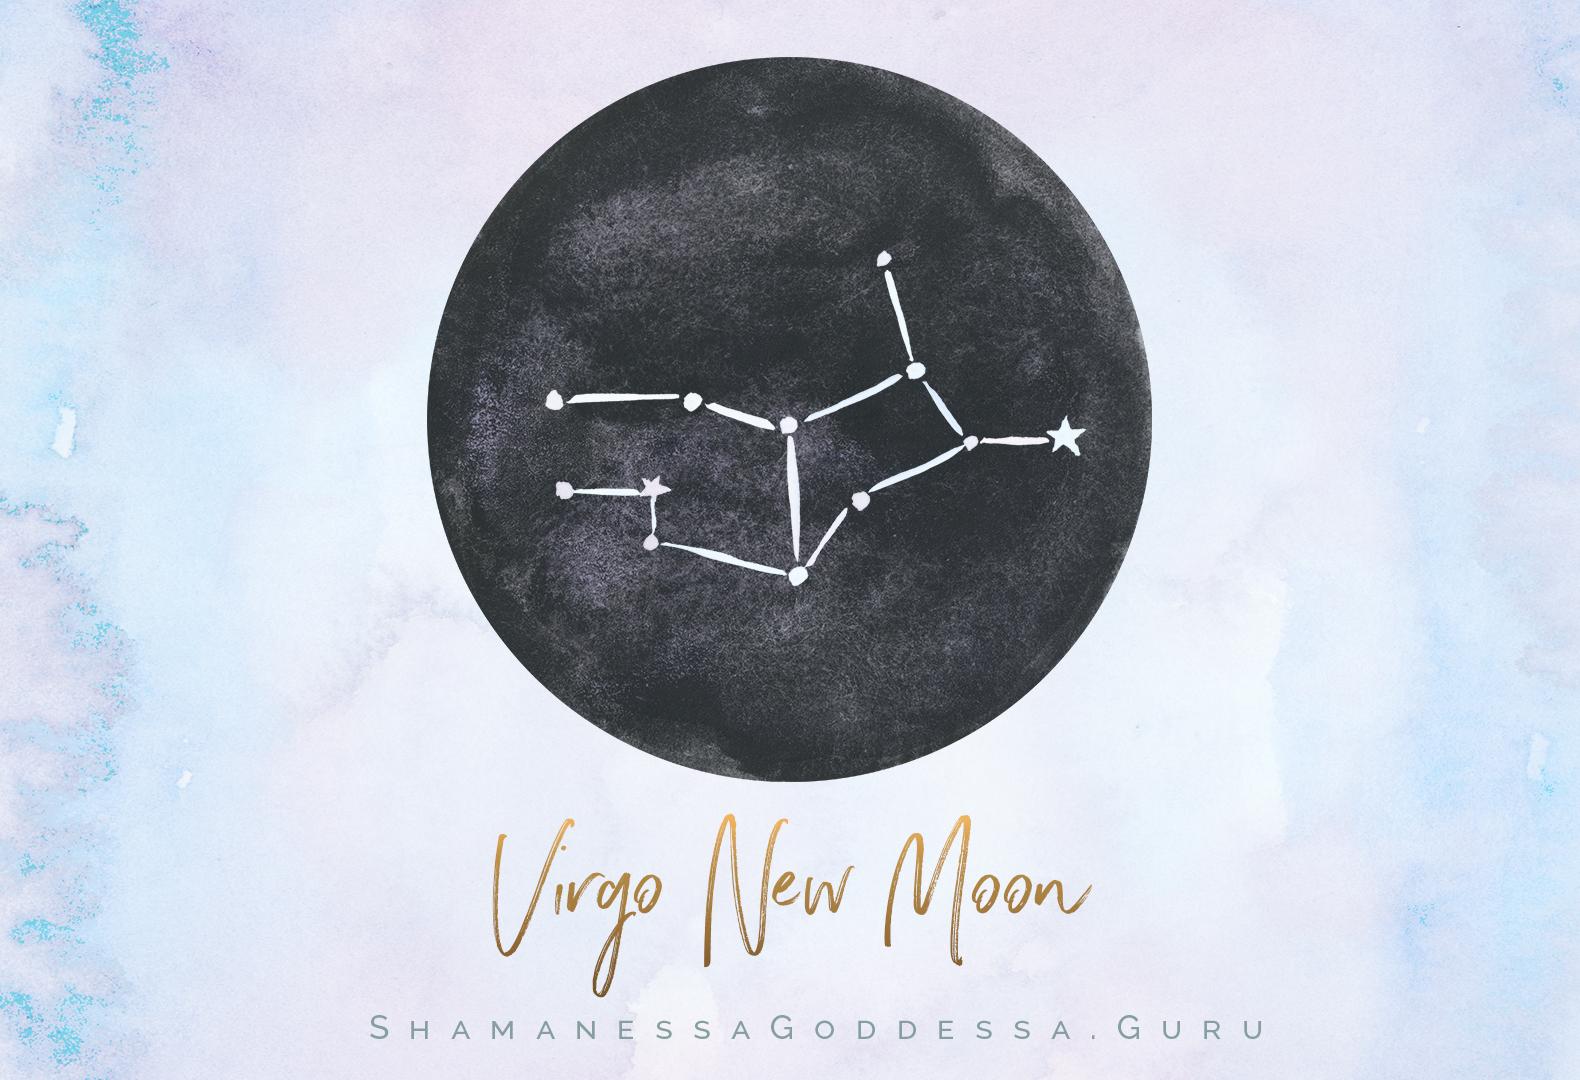 Virgo New Moon.jpg